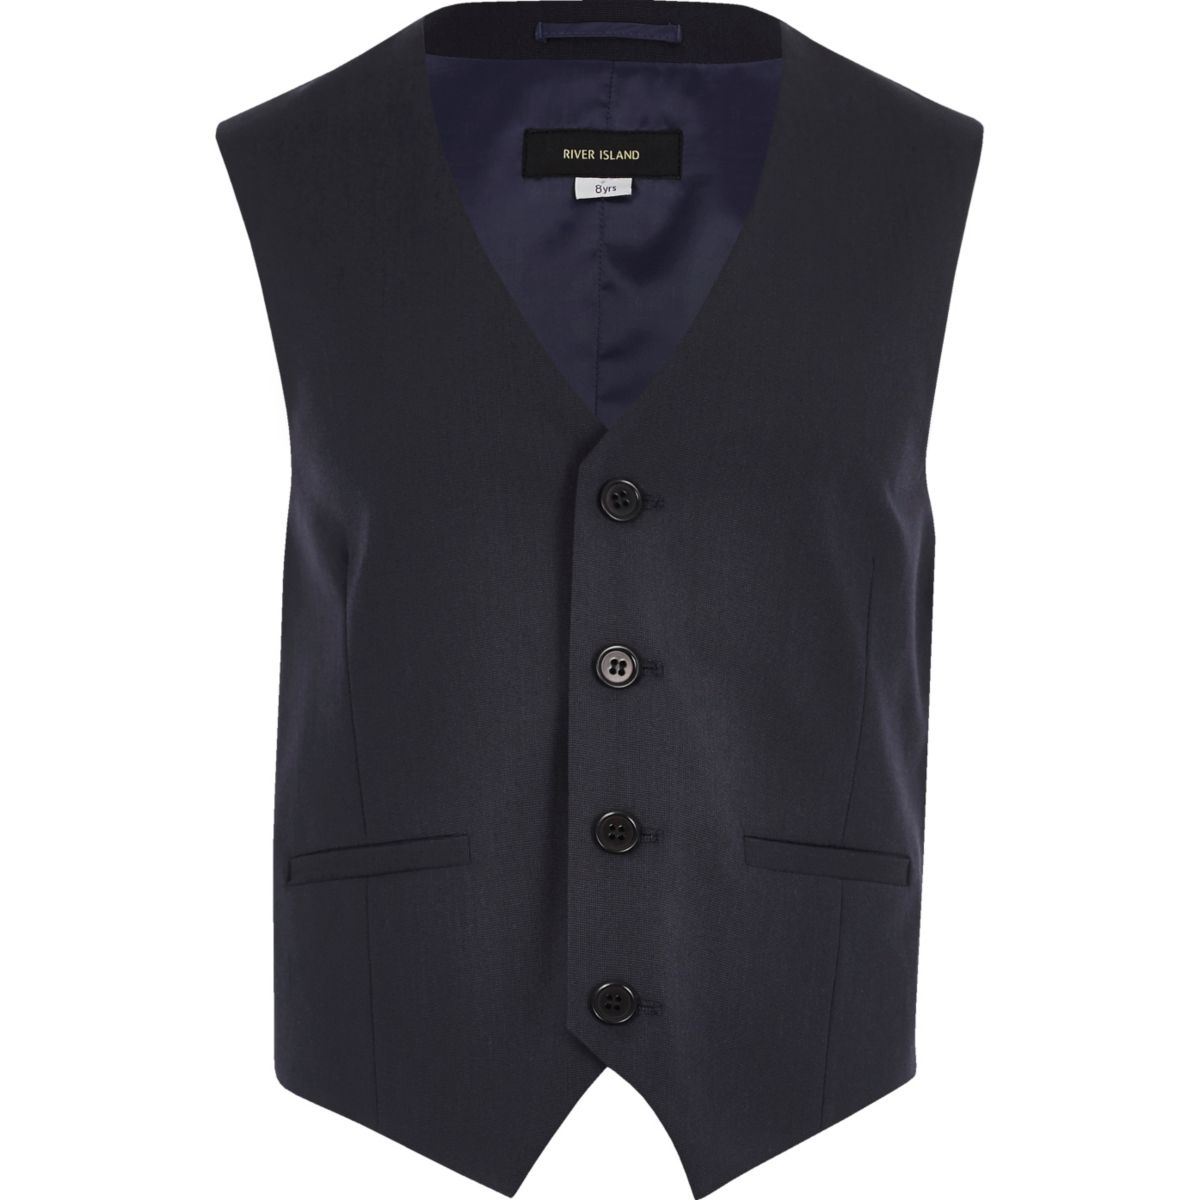 Boys navy blue suit vest